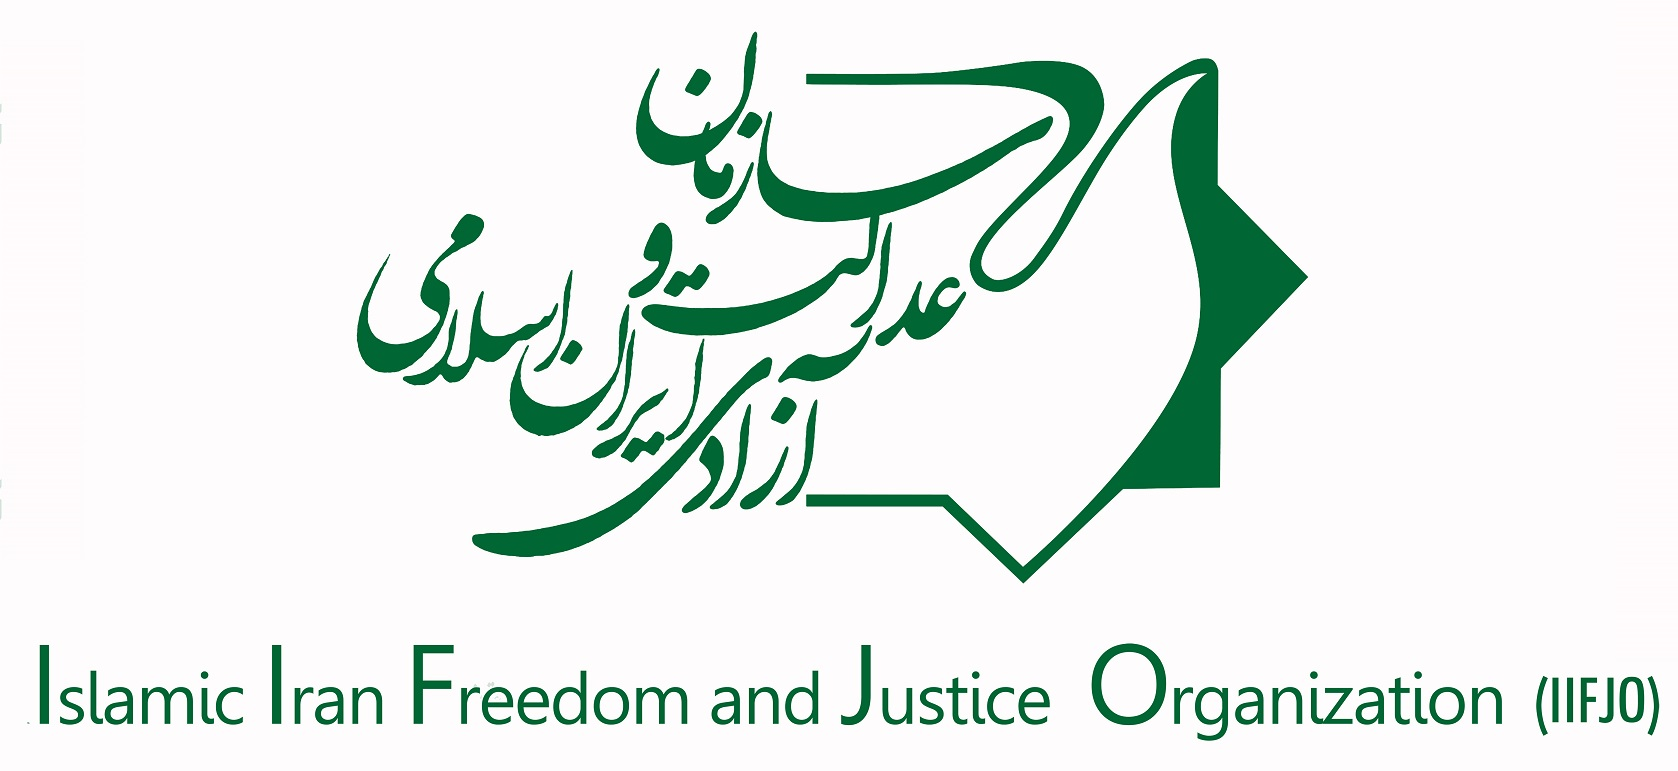 اعضای شورای مرکزی و دبیرکل سازمان عدالت و آزادی